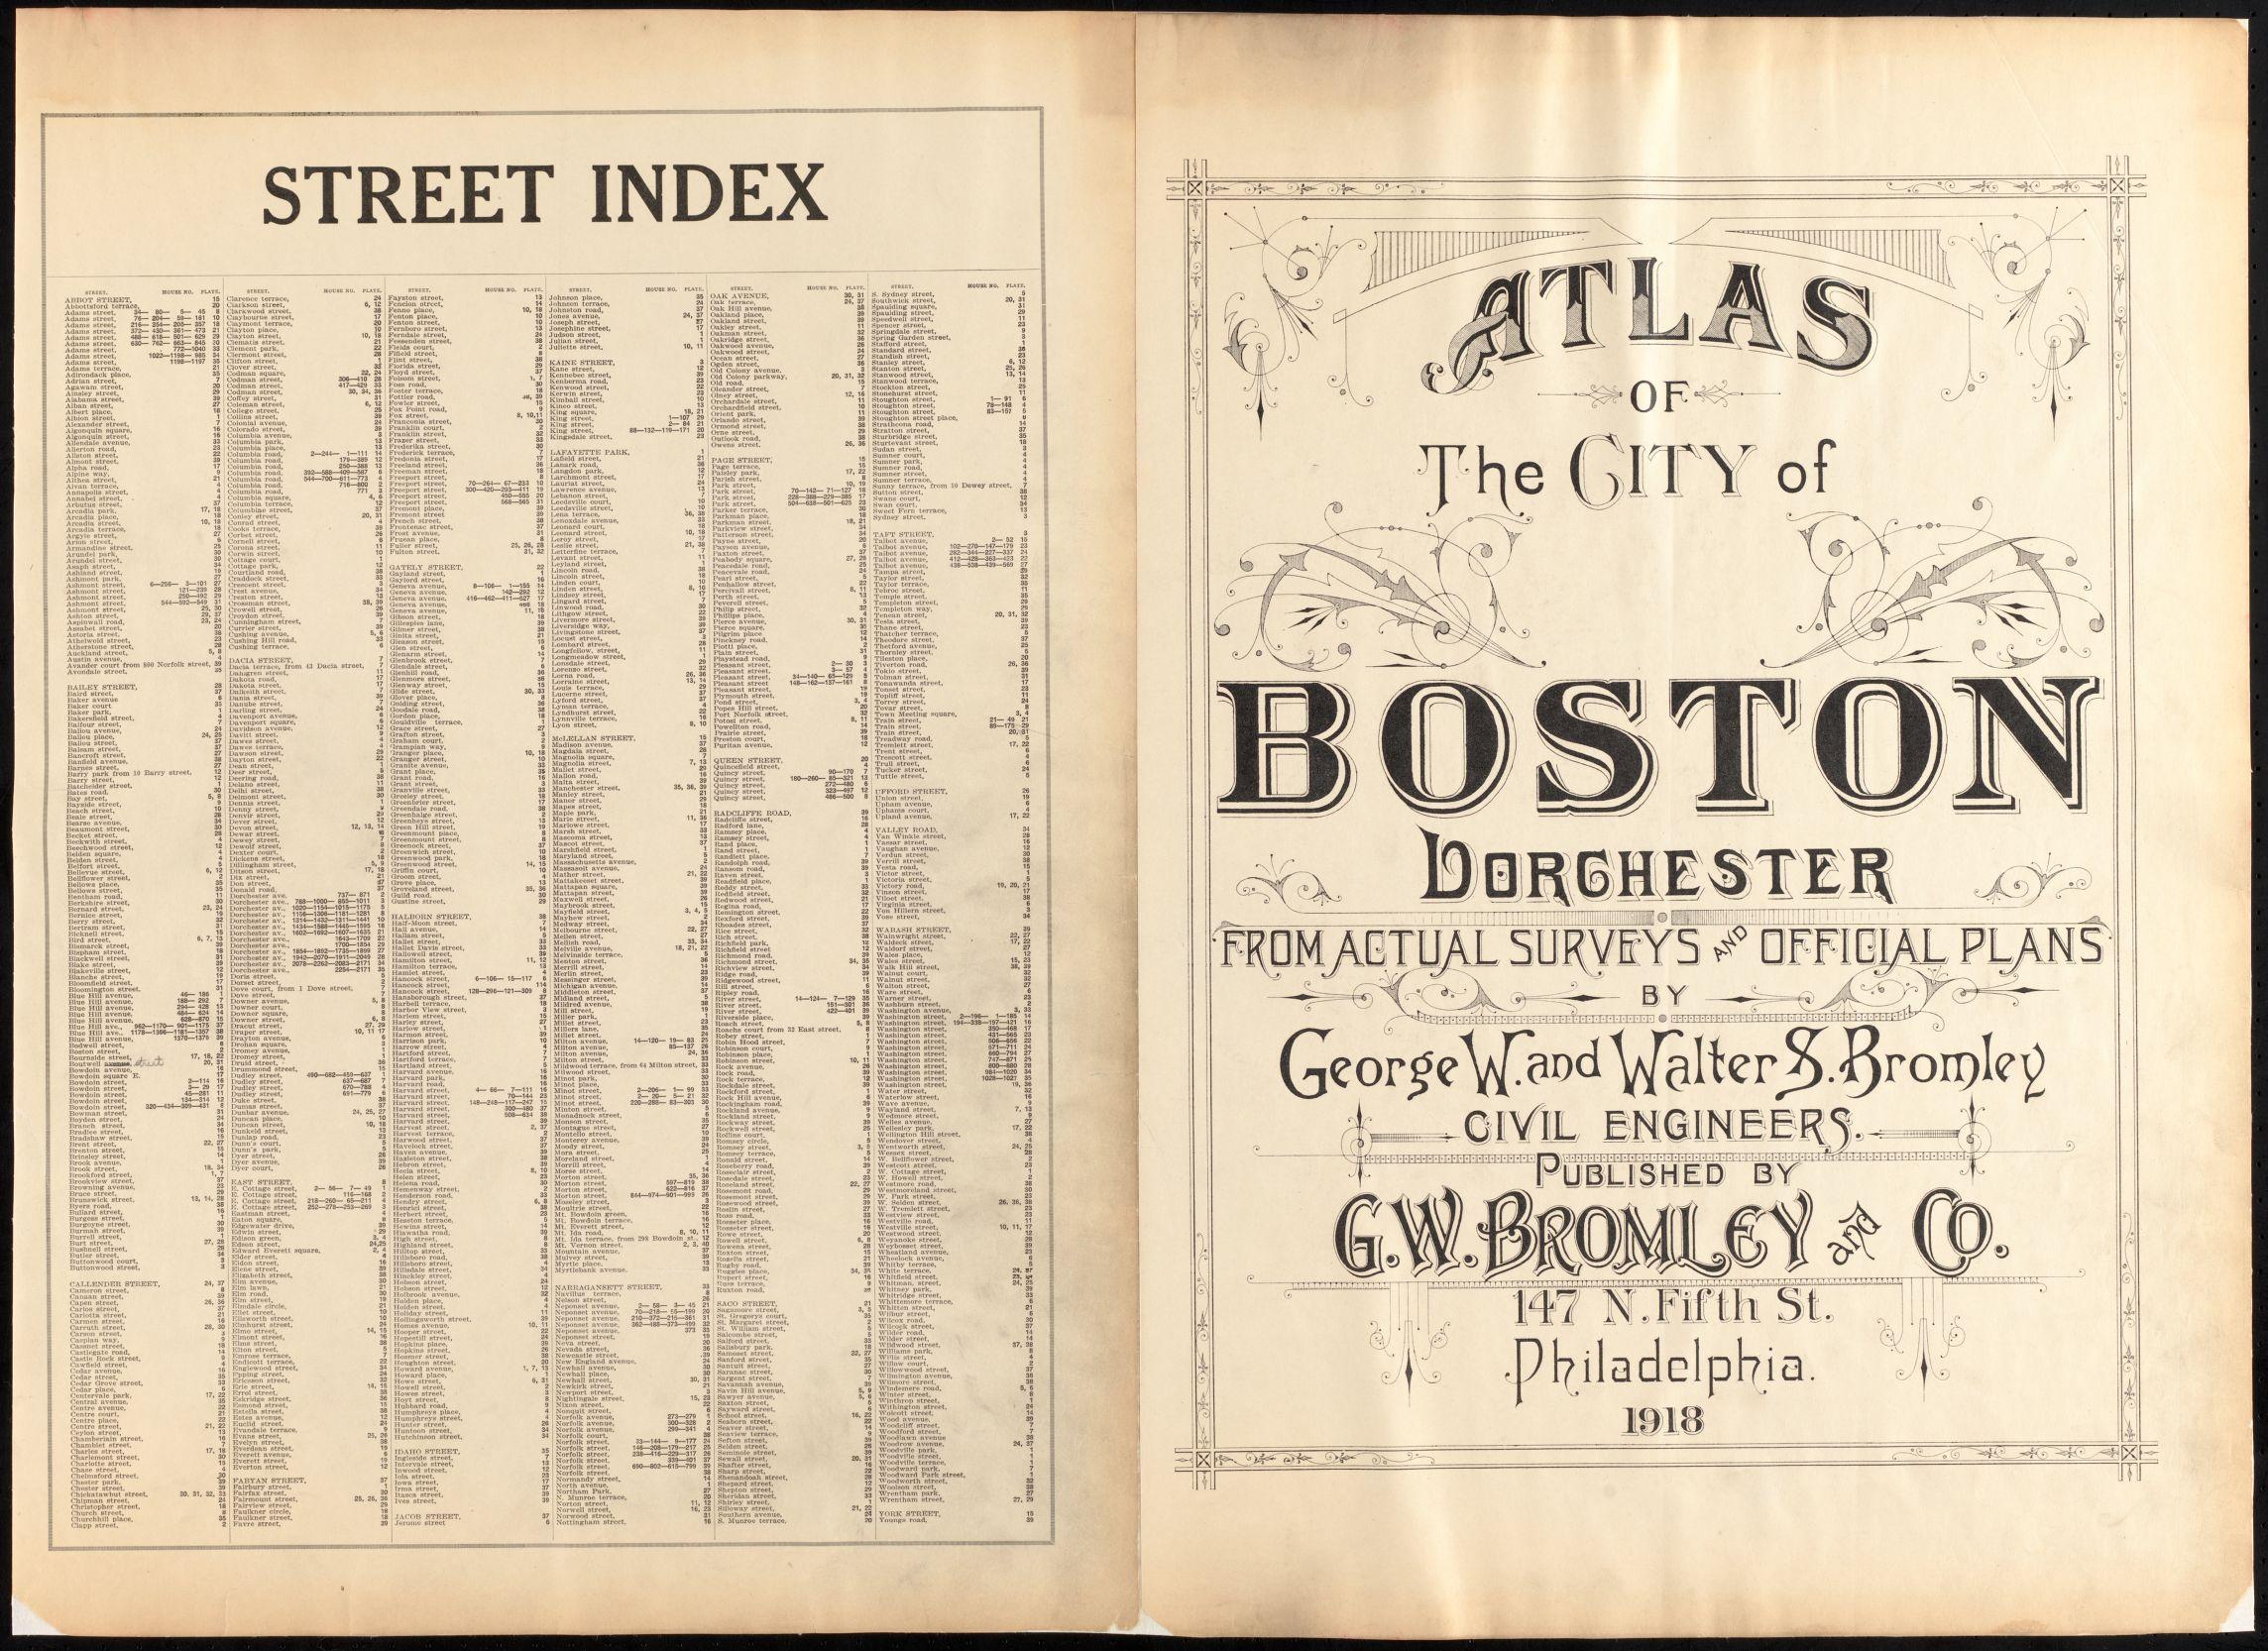 Atlas of the city of Boston : Dorchester